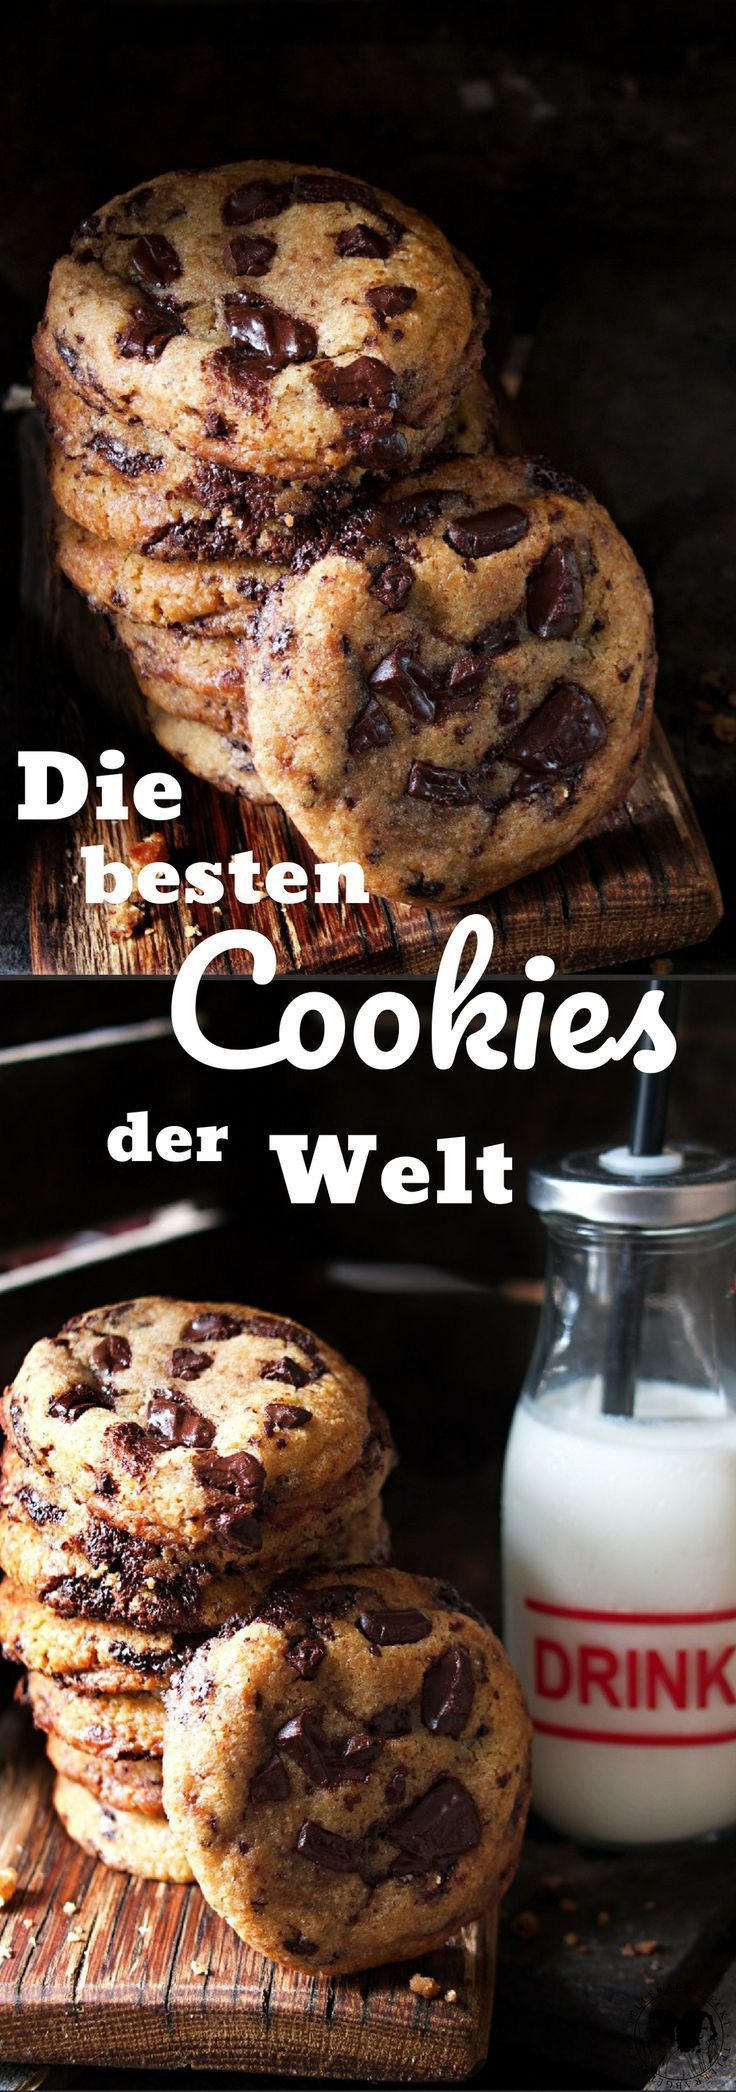 Die besten Cookies der Welt mit zwei Geheimzutaten #cookies